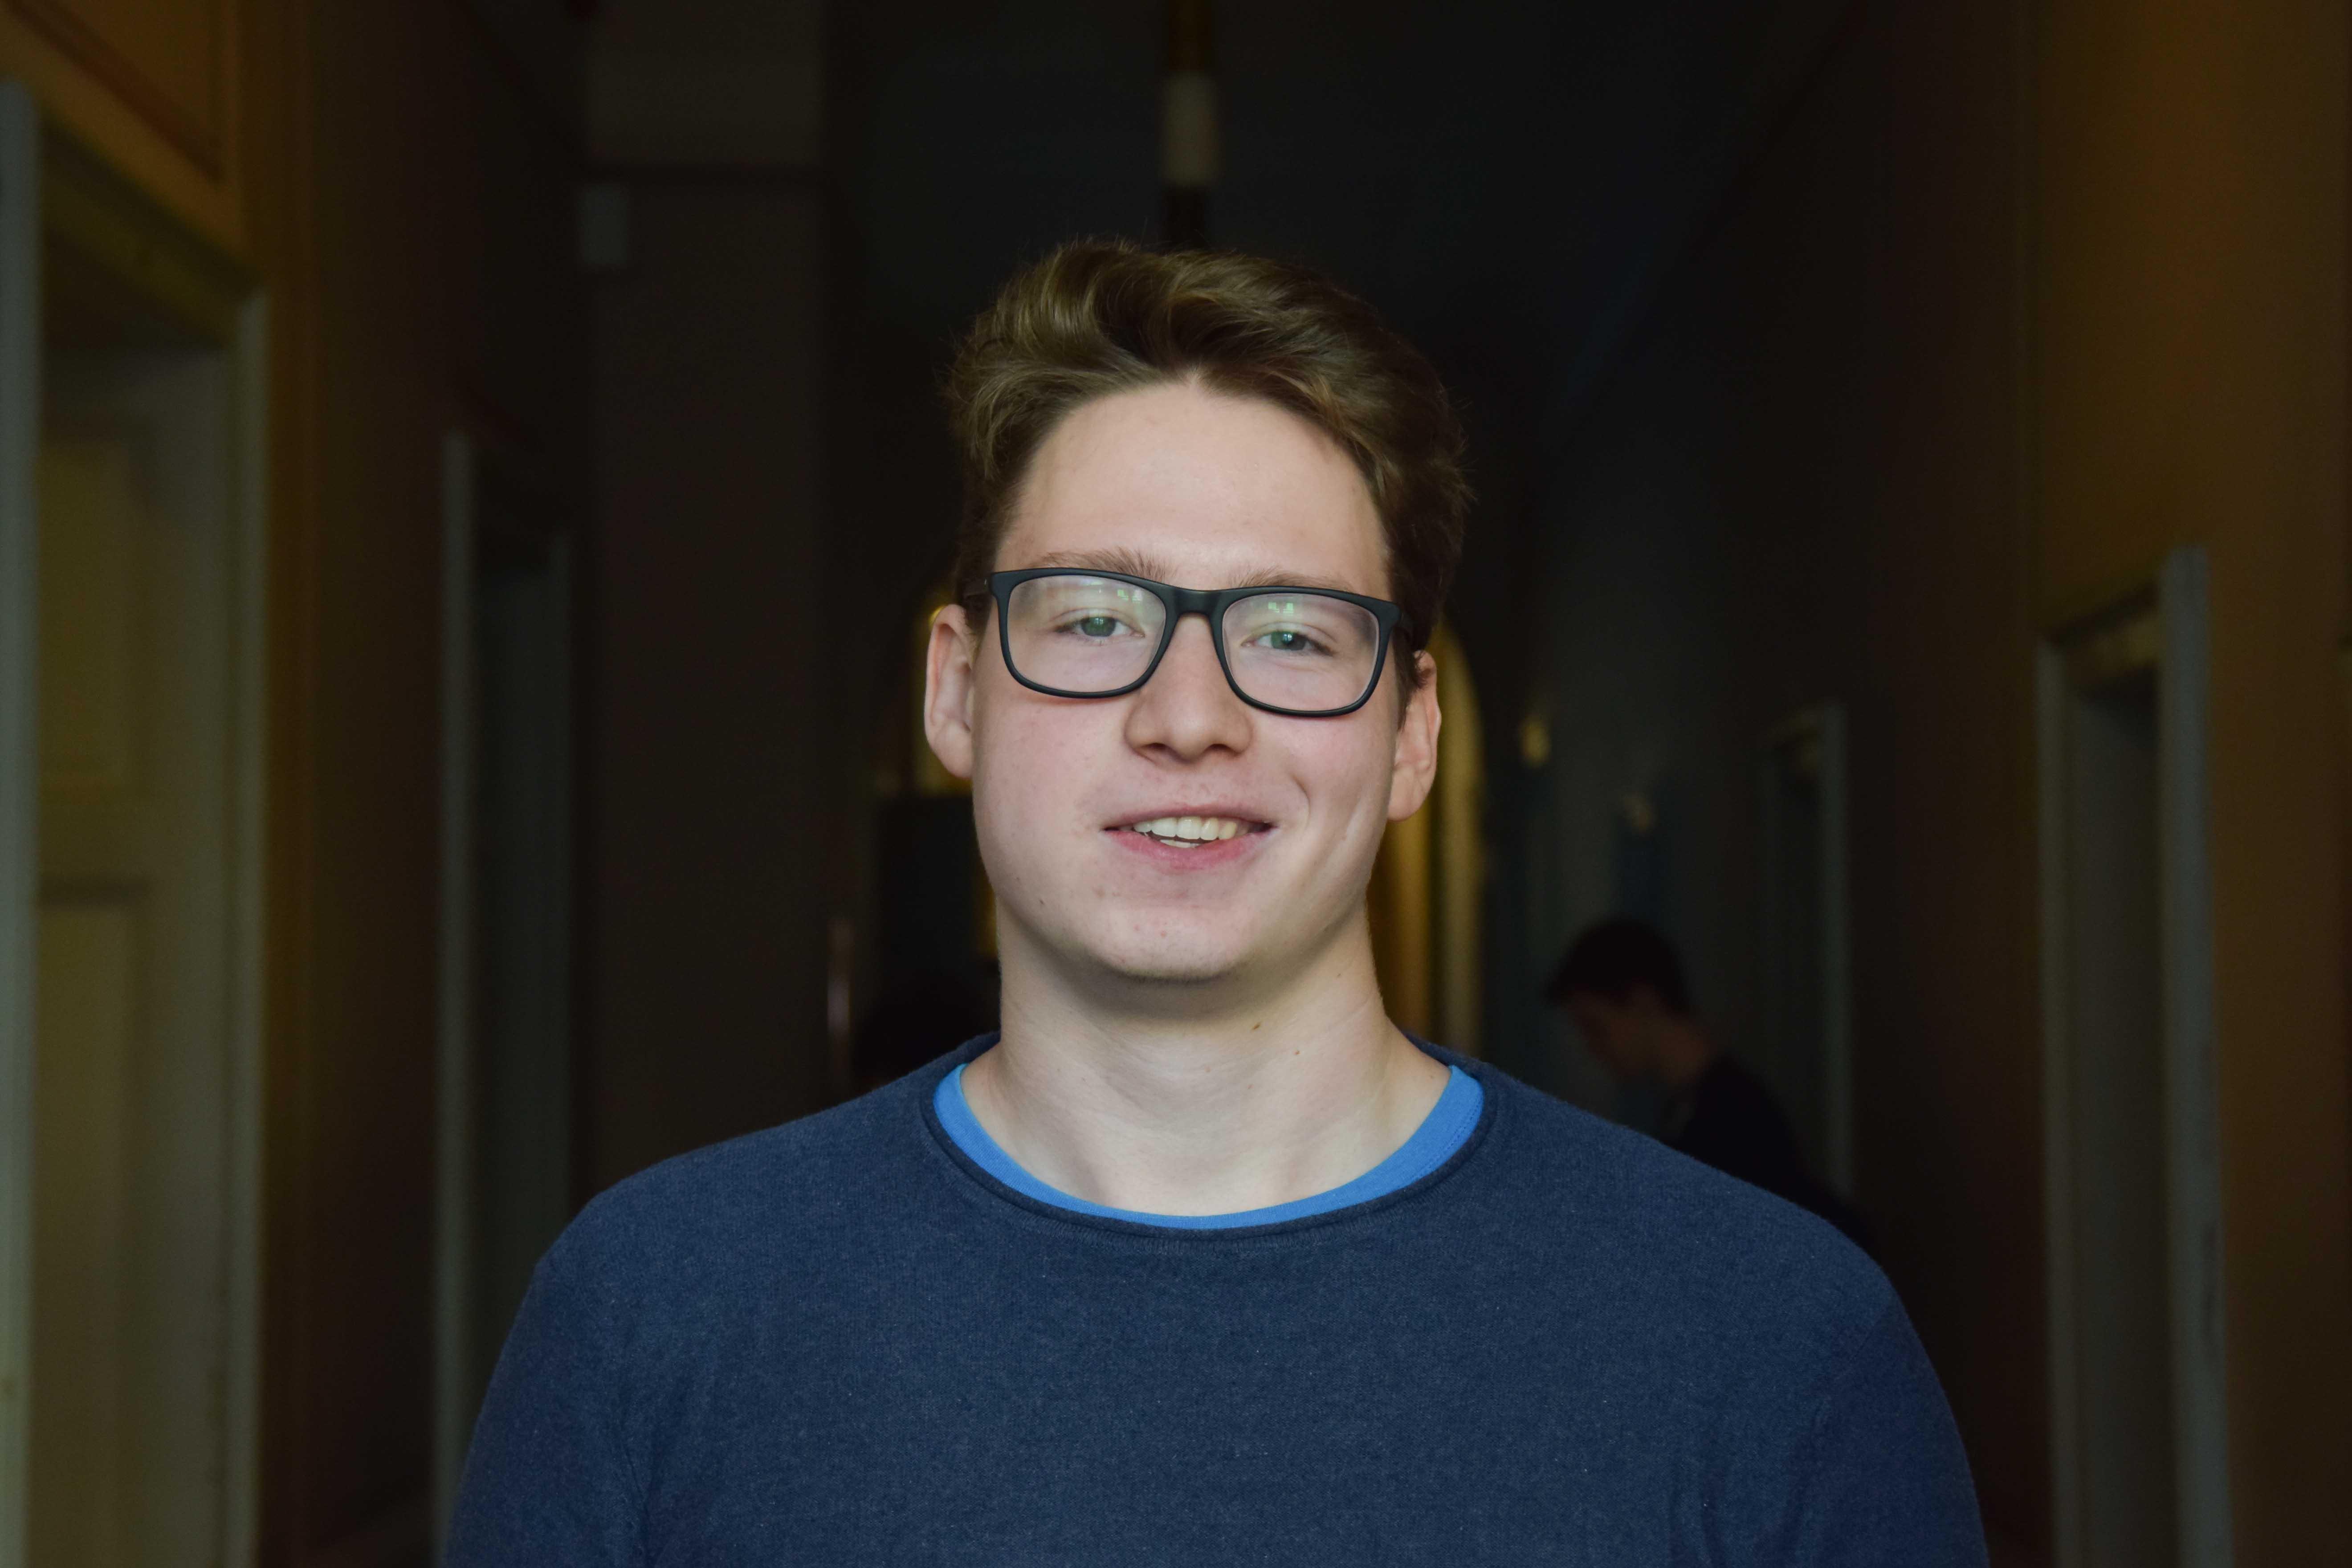 Jānis Kristaps Lūsis